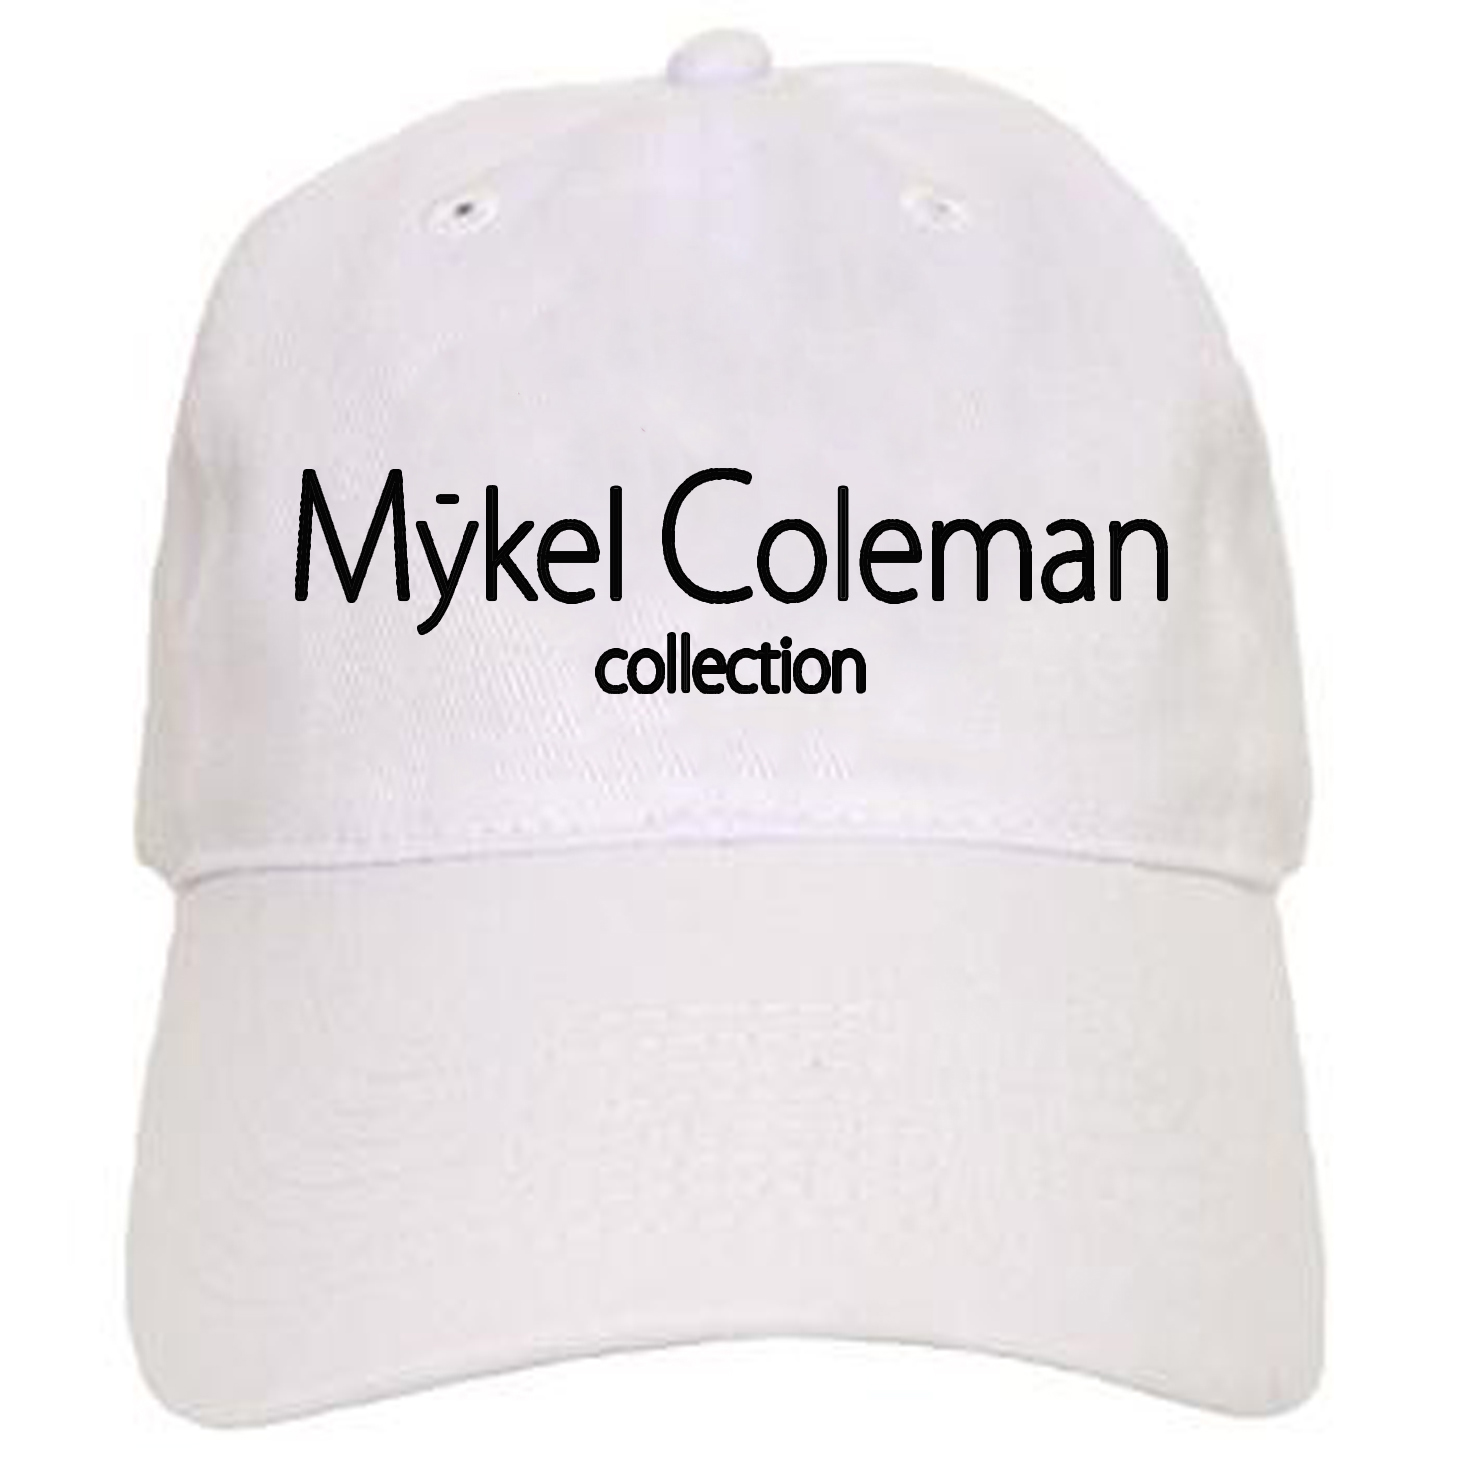 MC Mykel Coleman Collection Ball Cap